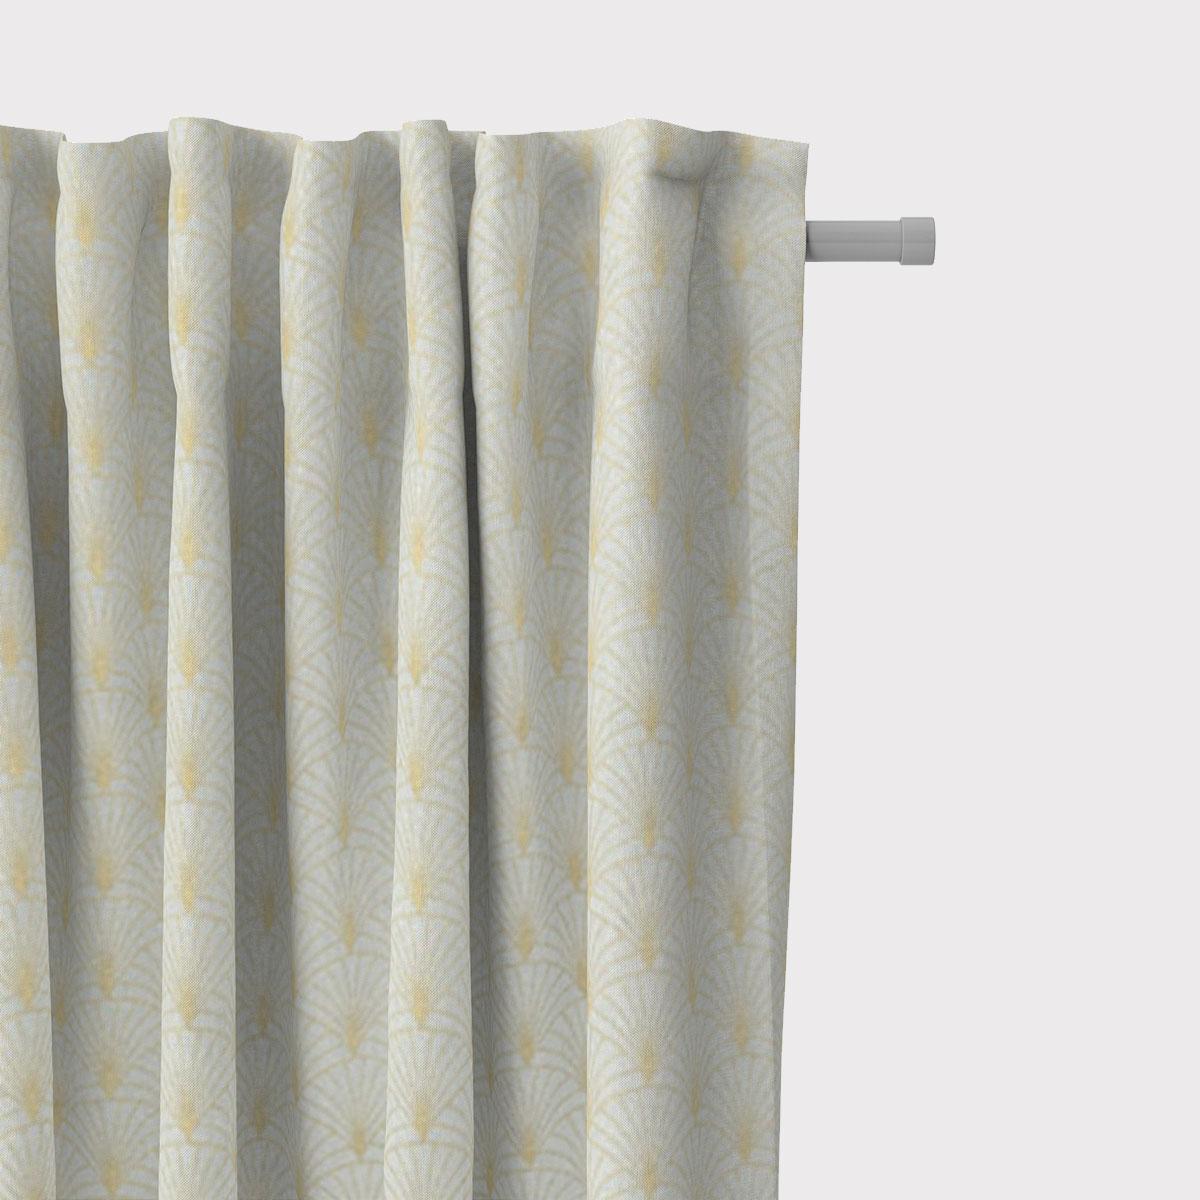 SCHÖNER LEBEN. Vorhang Glamour Schuppen Fächer mint goldfarbig 245cm oder Wunschlänge